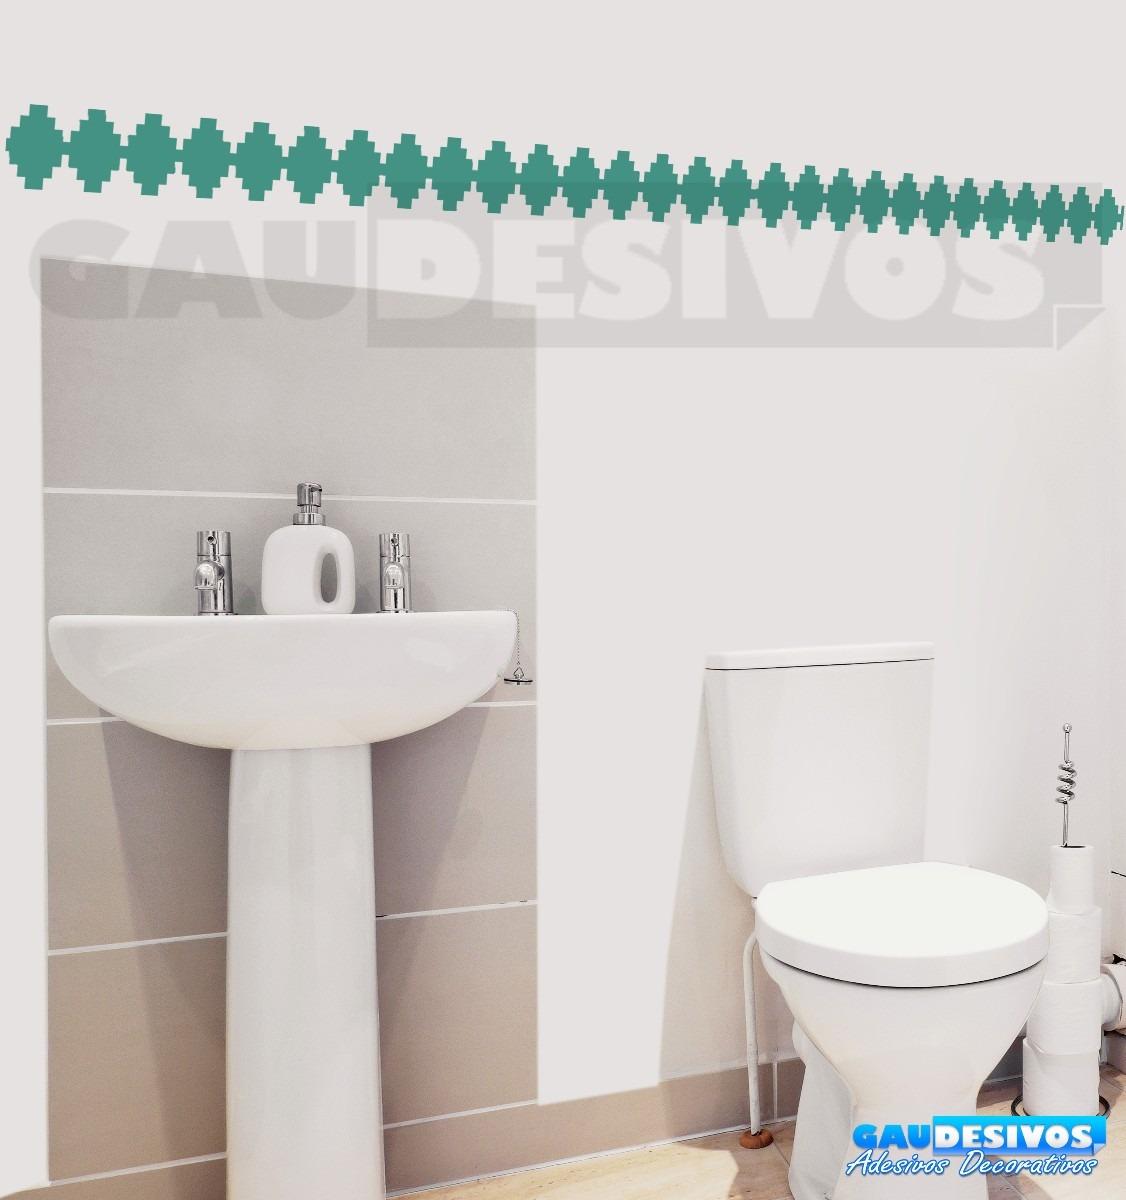 como colocar de cermica em uma parede hd ddbe x banheiro com meio azulejo